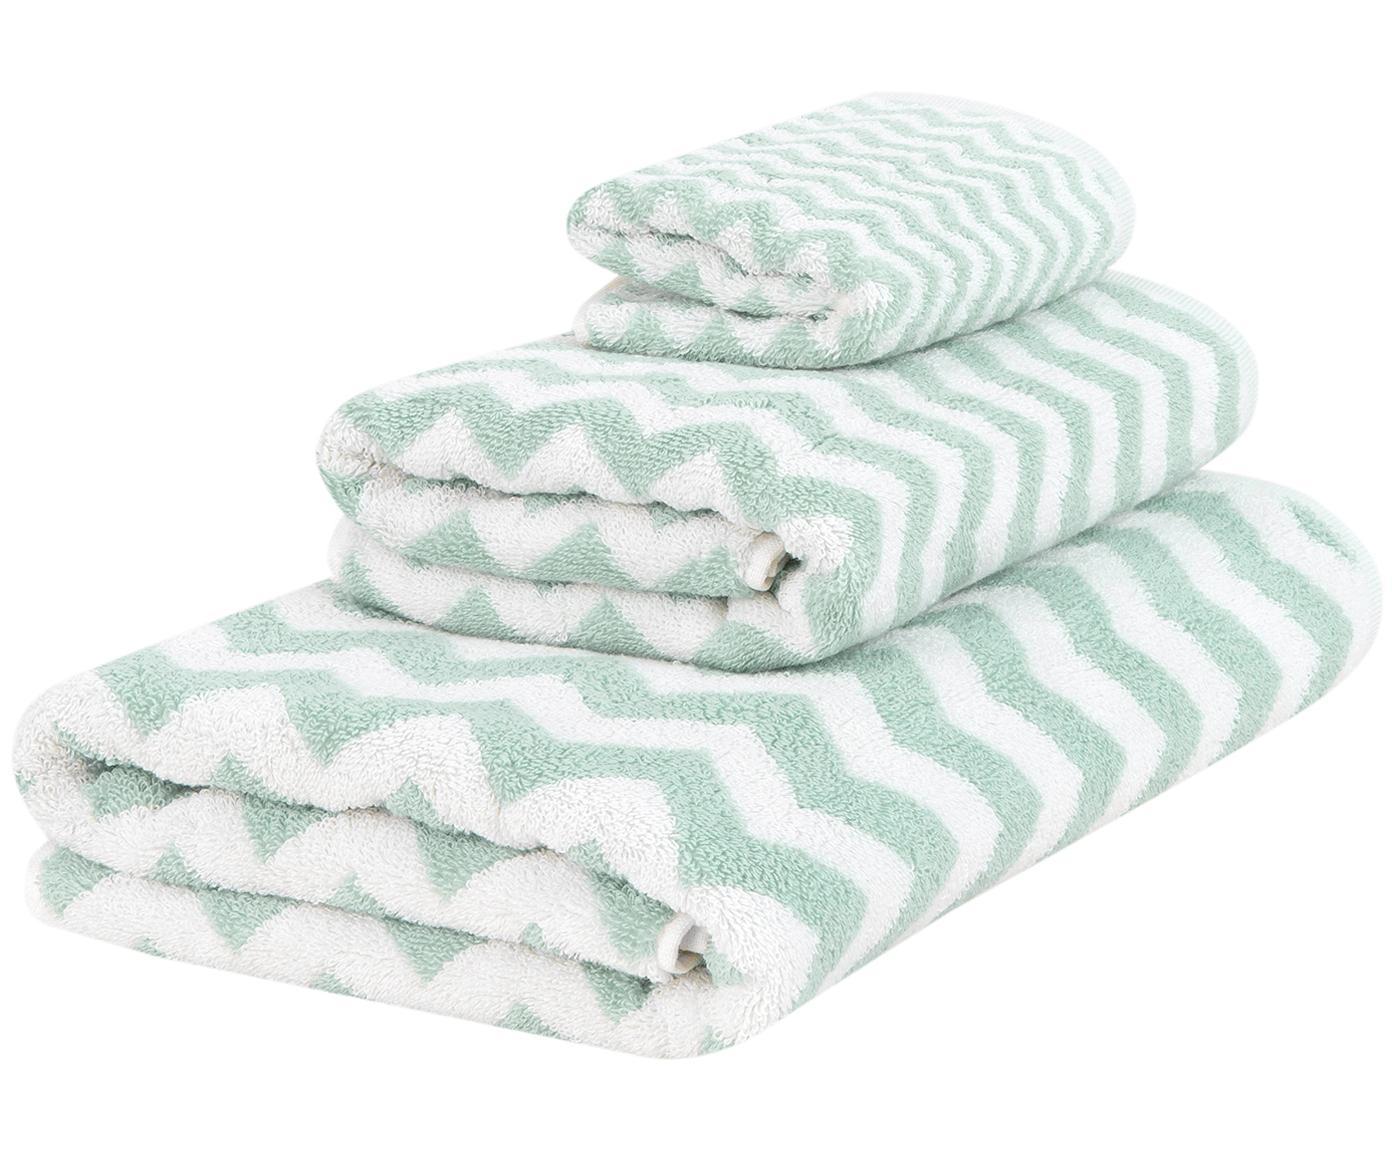 Set de toallas Liv, 3pzas., Verde menta, blanco crema, Tamaños diferentes